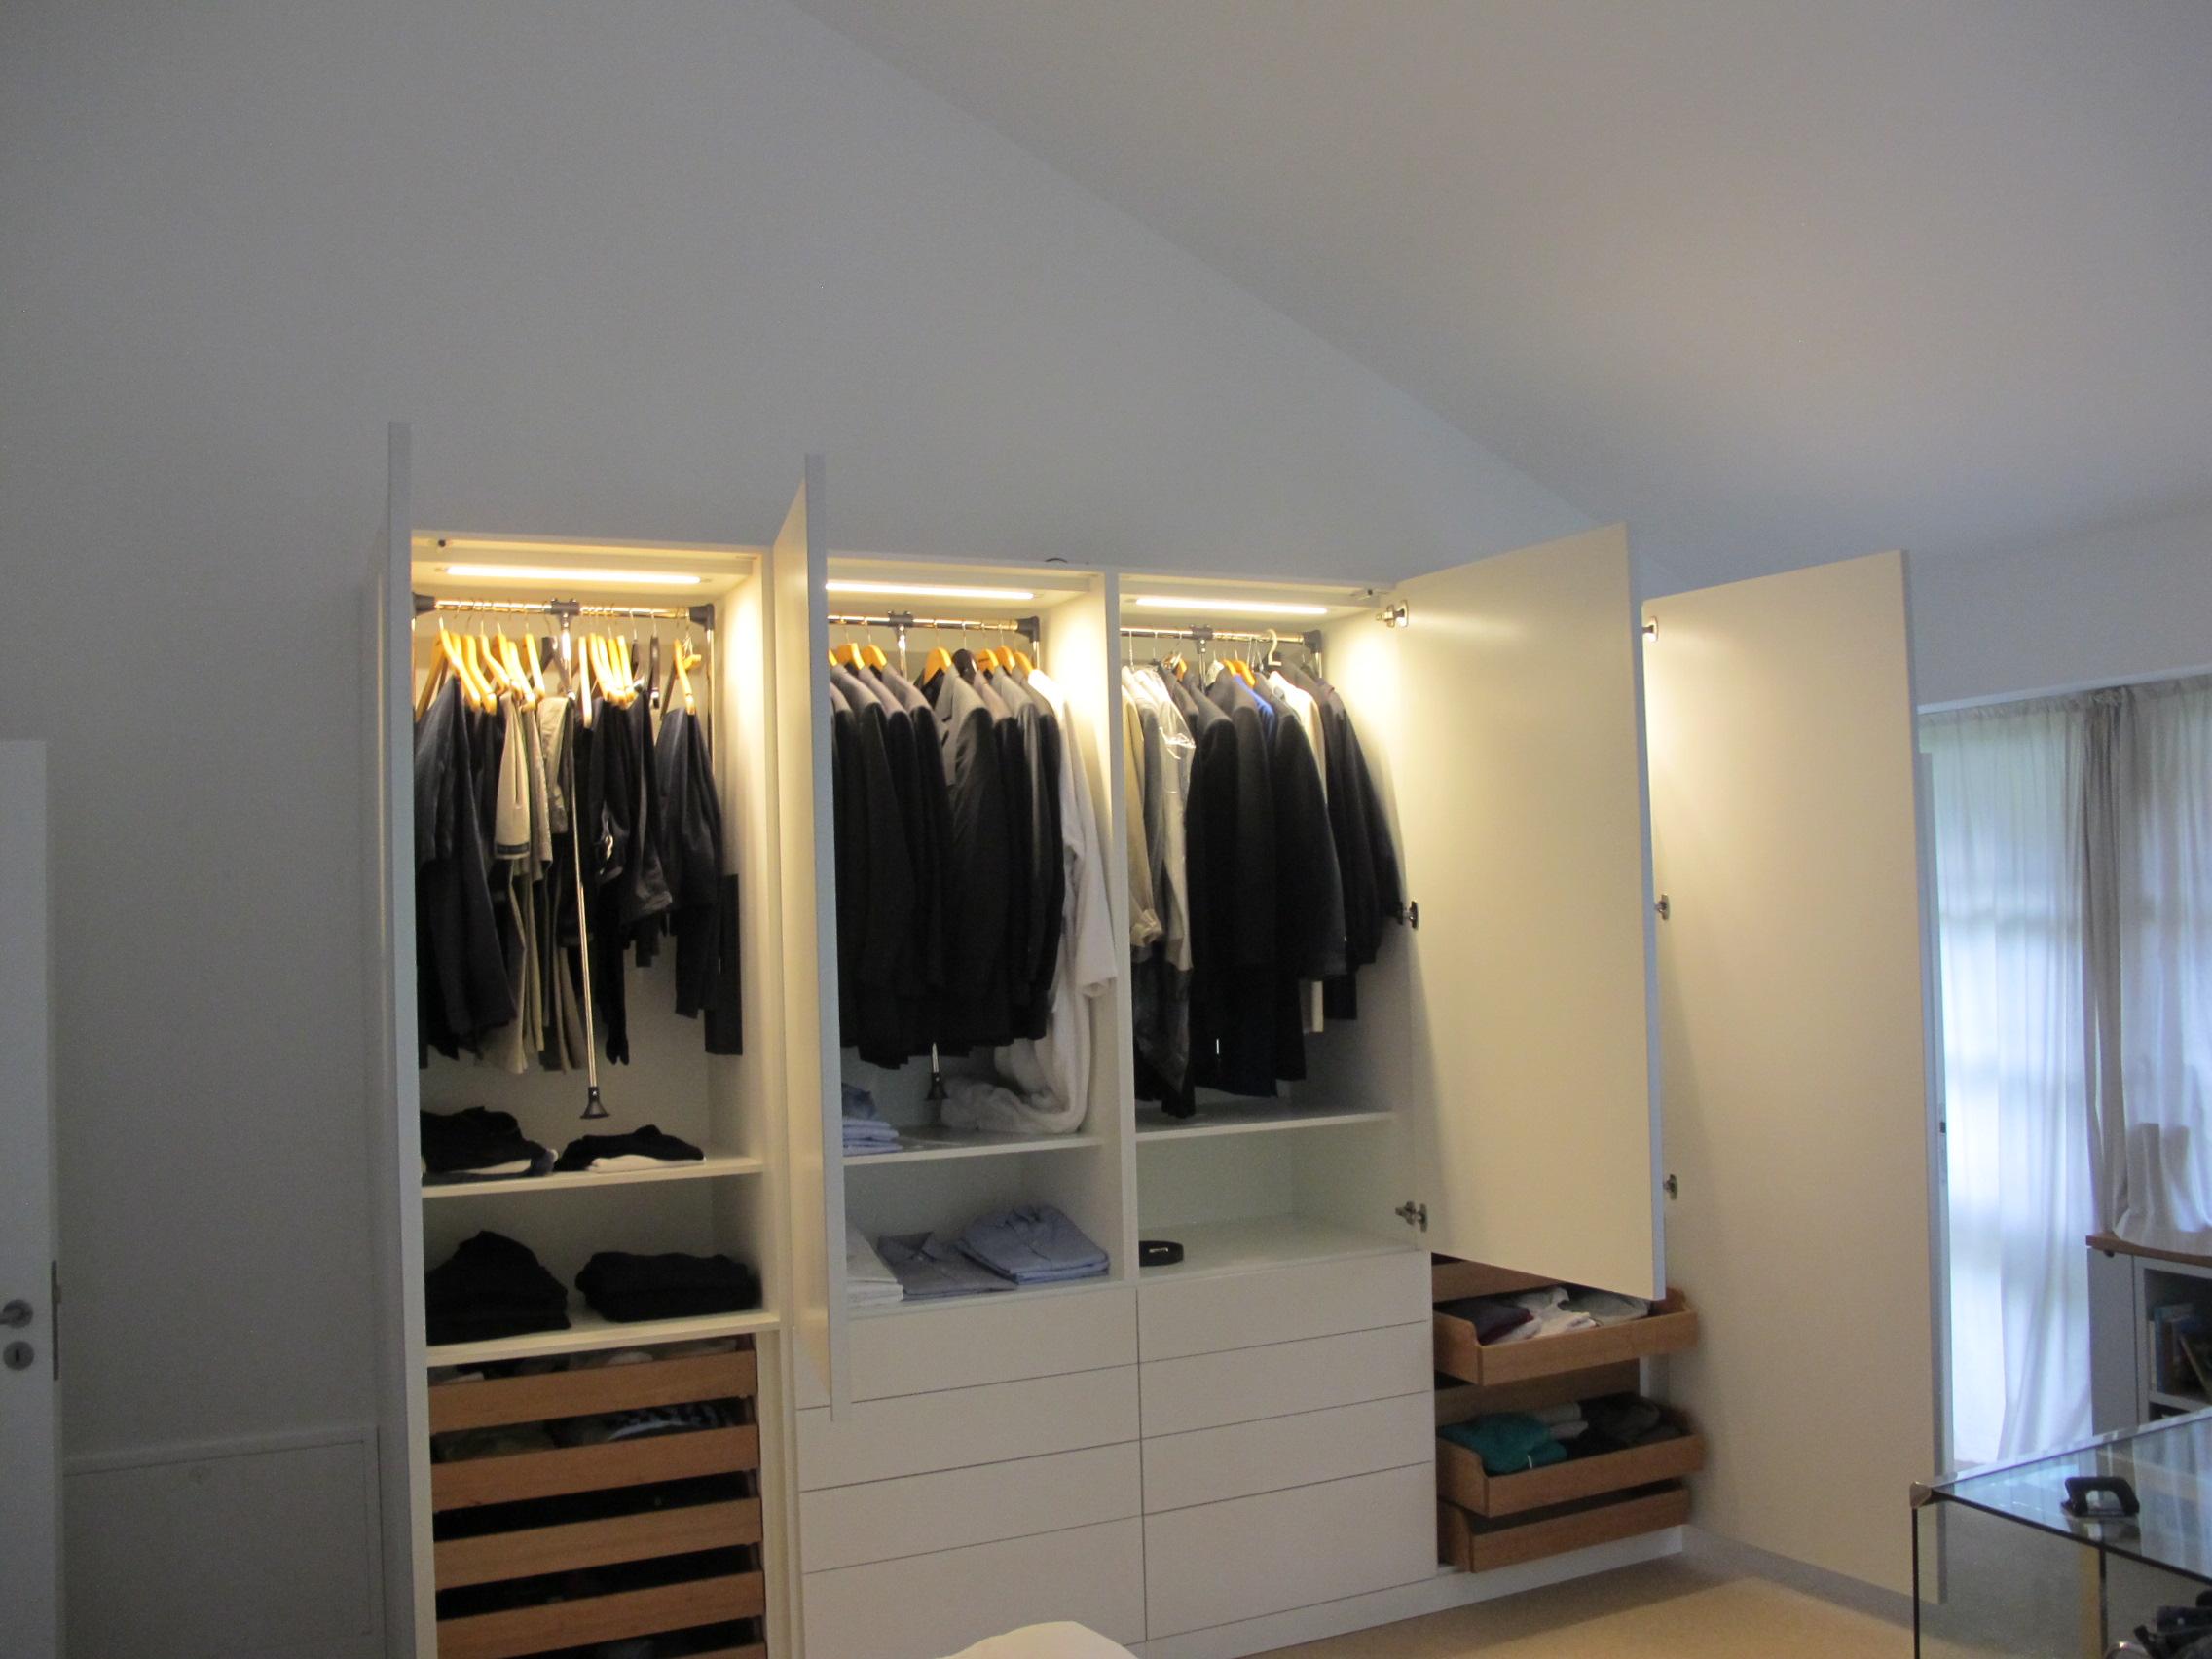 Furniture manufacturing by tischlerei janssen your for Schlafzimmer schrankwand